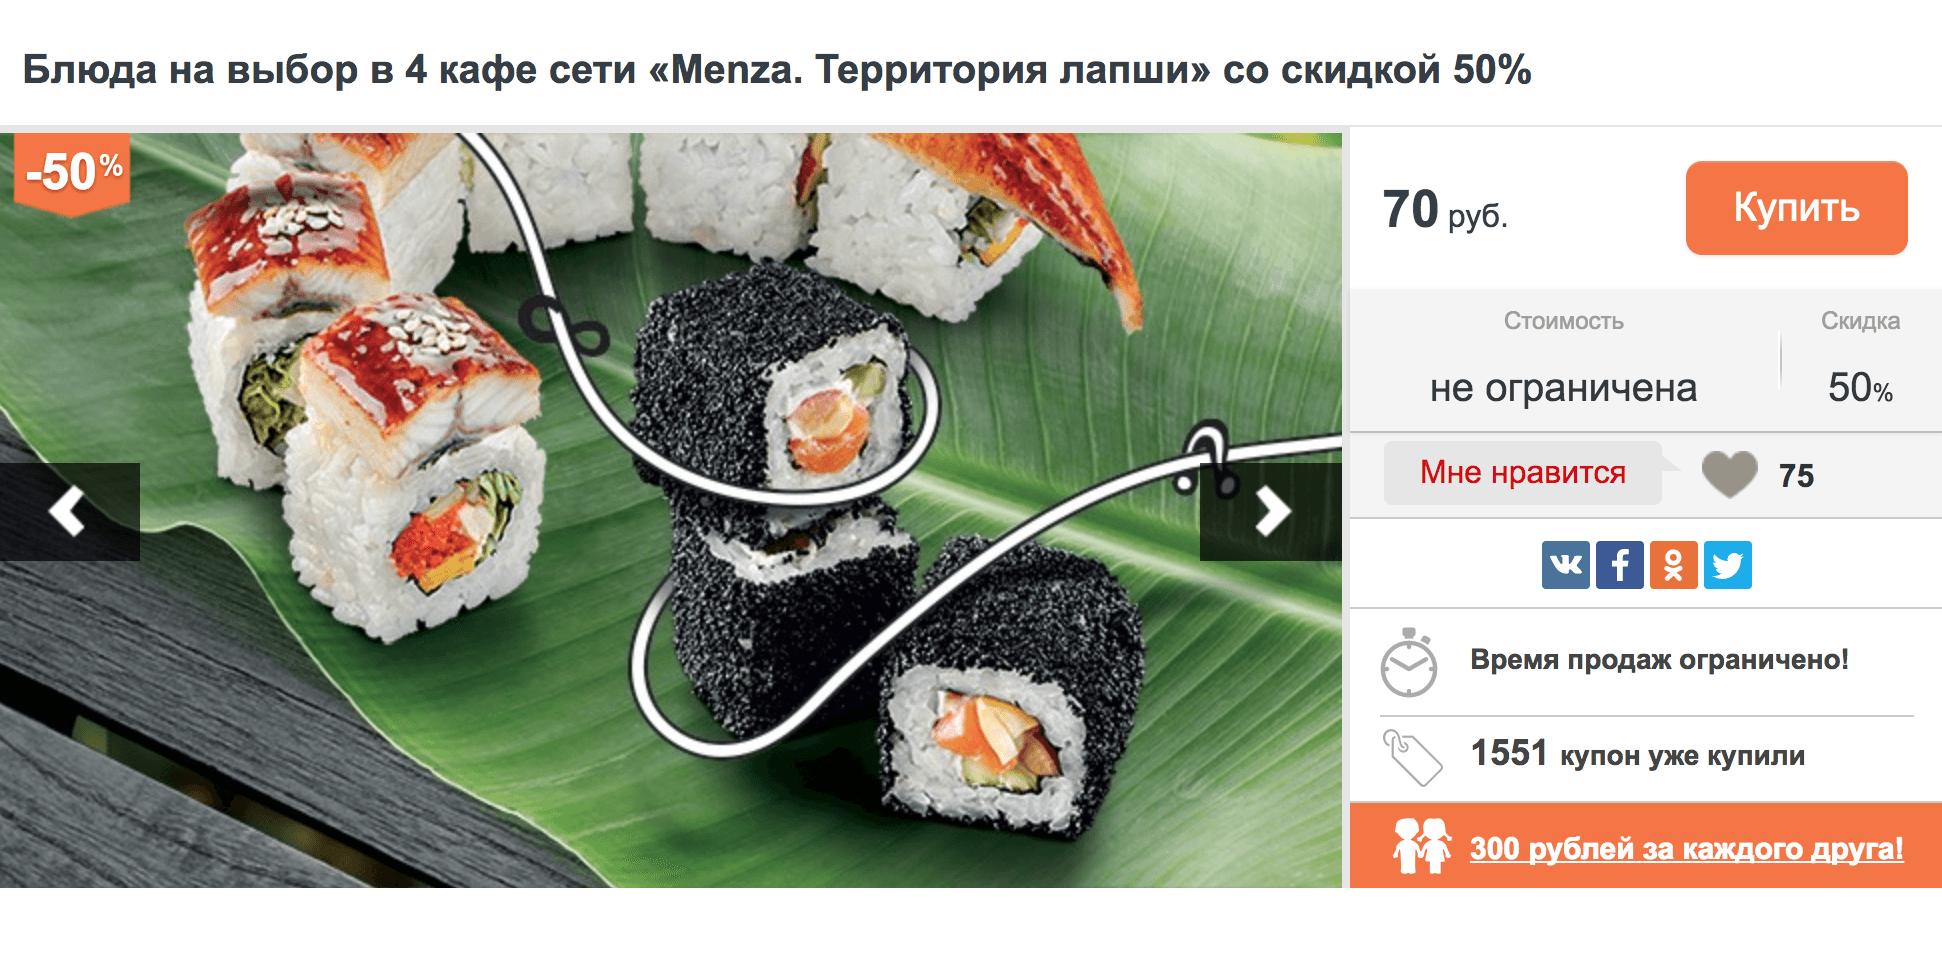 Купон в ресторан «Менза», который дает скидку на некоторые блюда 50%, стоит на «Биглионе» 70<span class=ruble>Р</span>